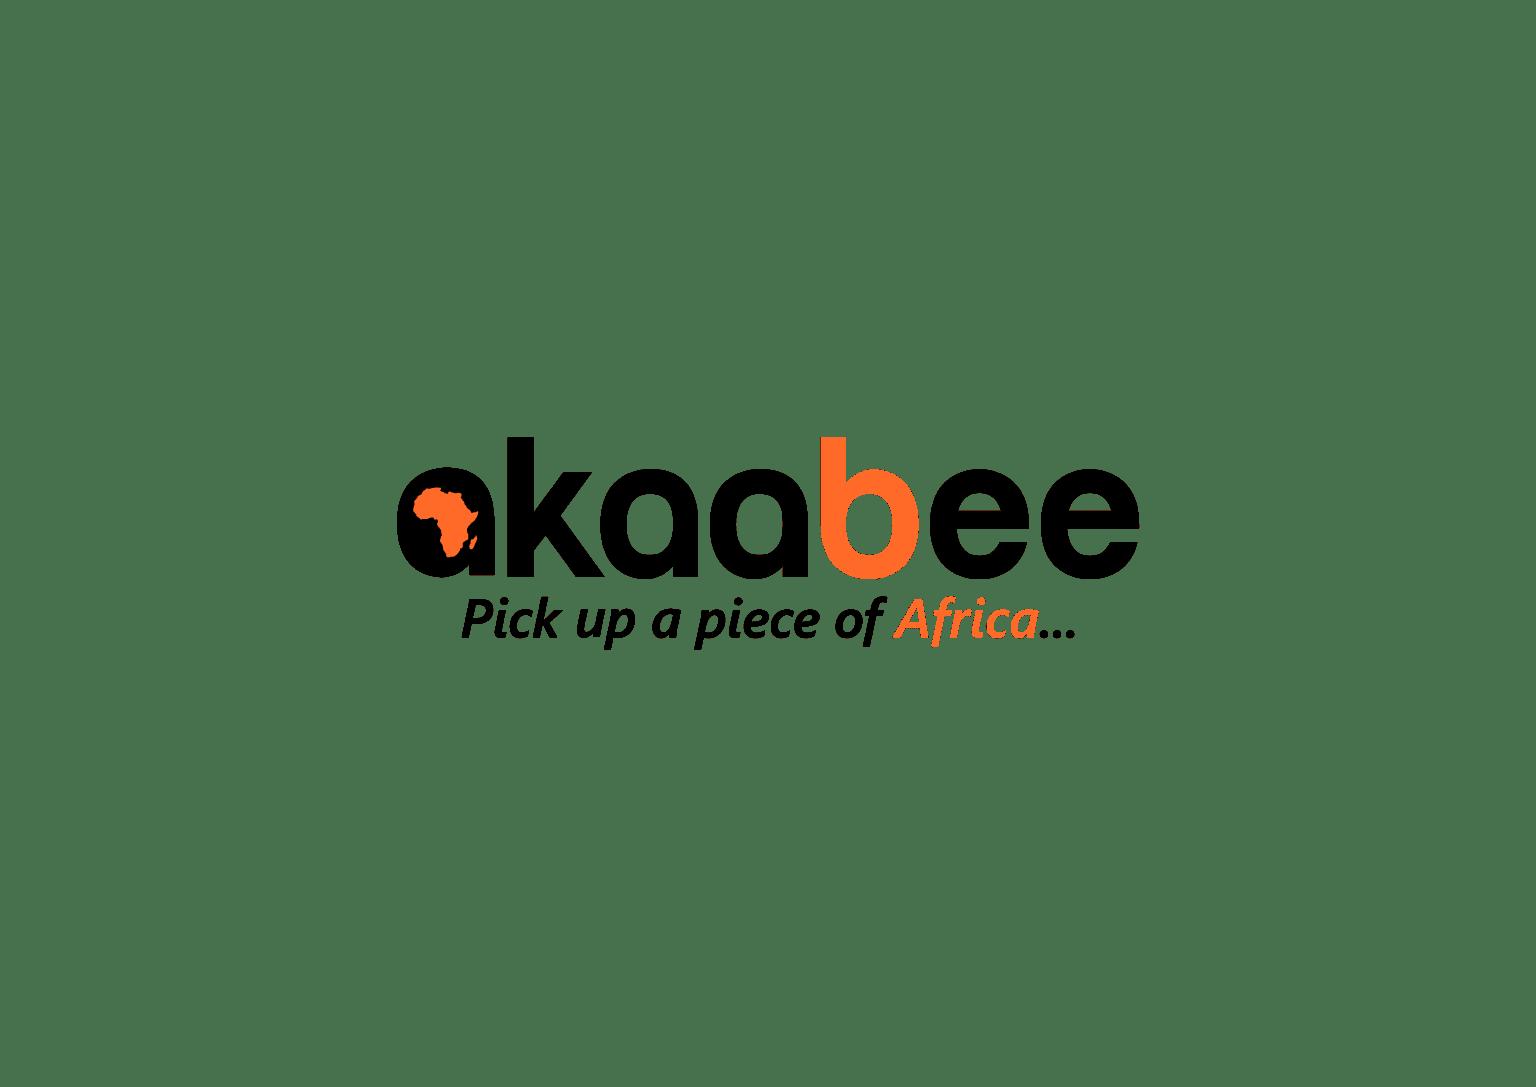 Akaabee-n-tagline-black-transparent